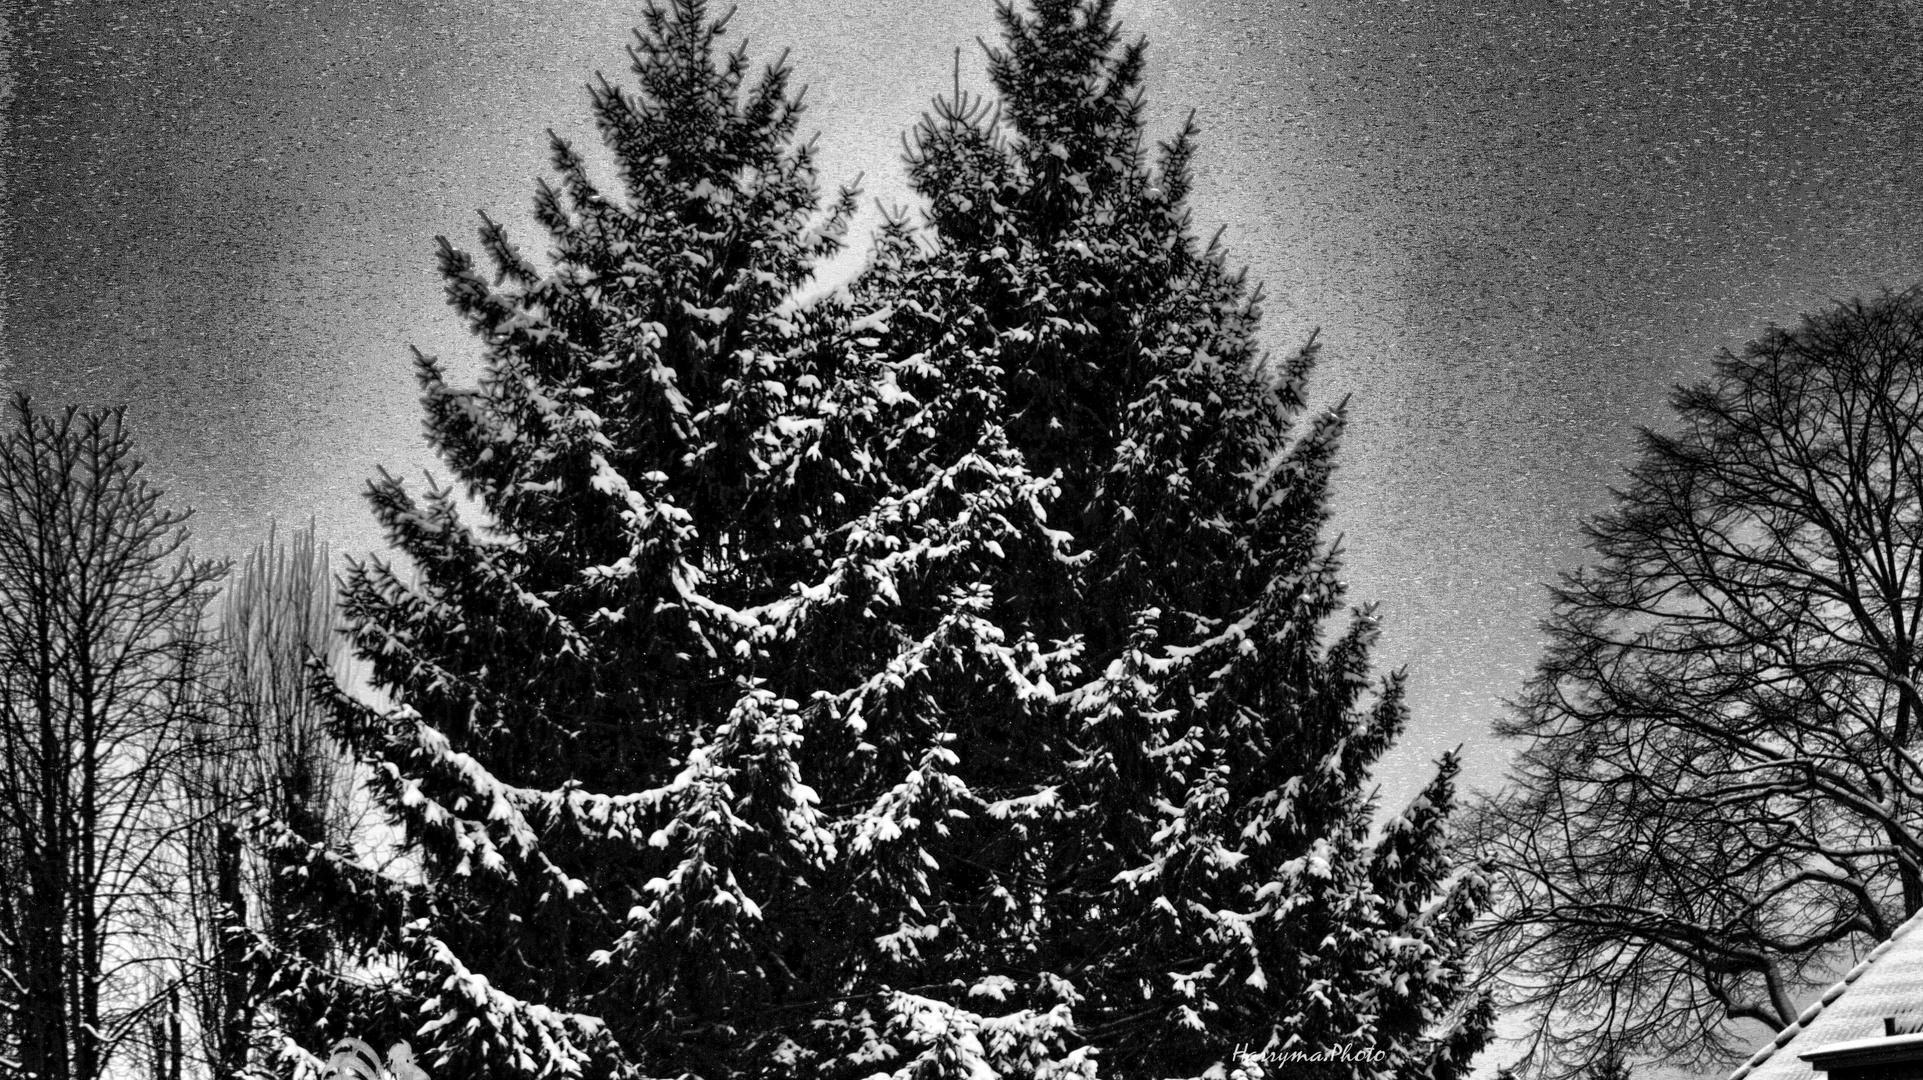 Winterliche Nadelbäume in meiner Nachbarschaft